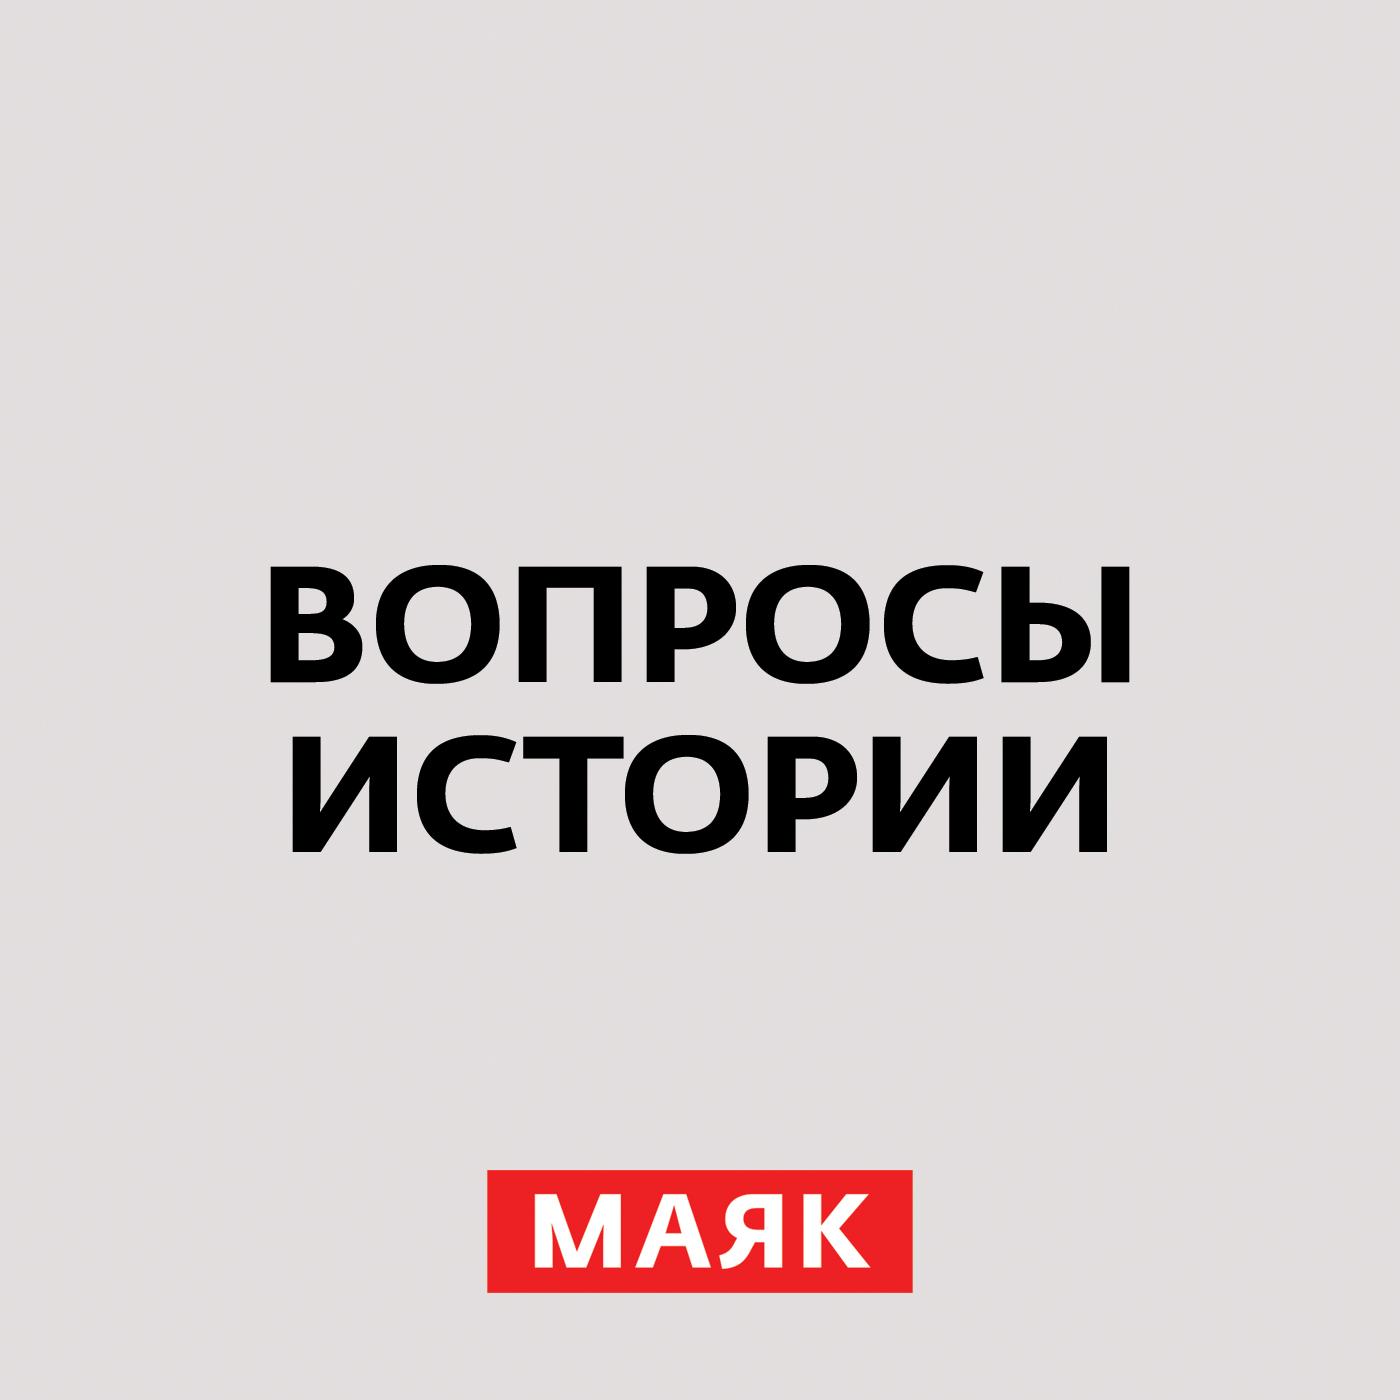 Андрей Светенко Берия думал, что все должны быть ему благодарны. А нет. Часть 2 андрей светенко берия думал что все должны быть ему благодарны а нет часть 3